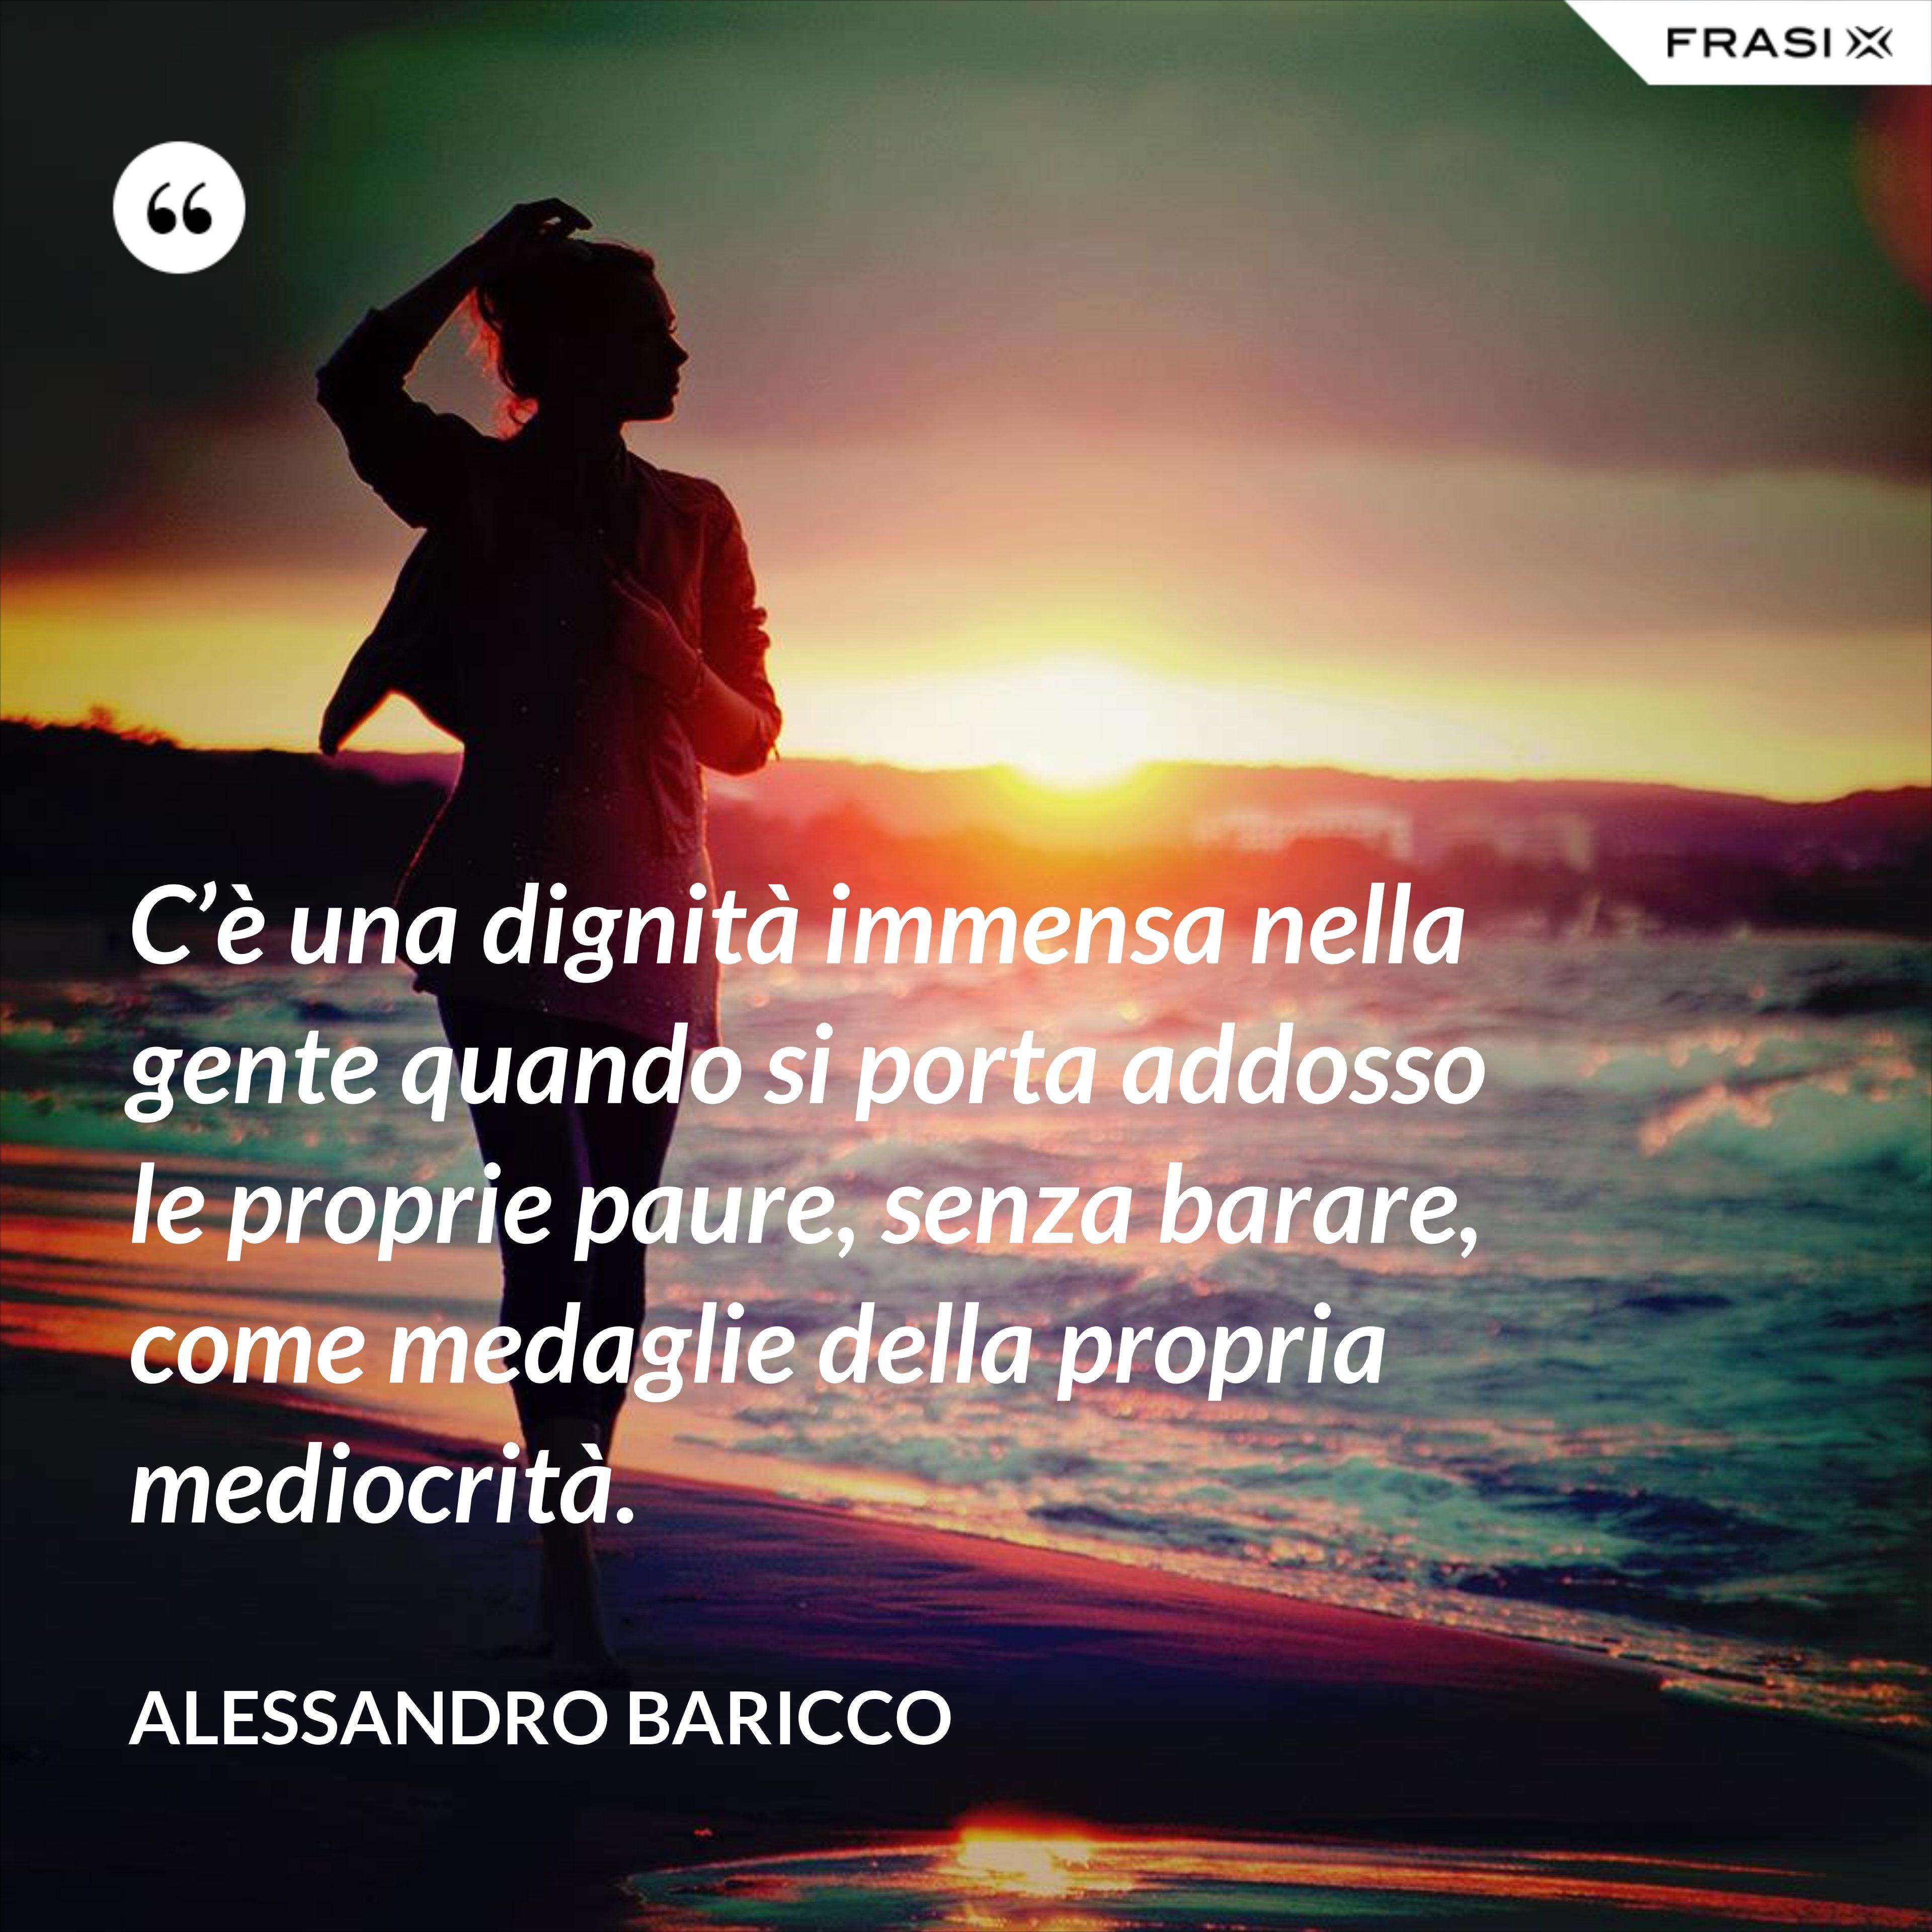 C'è una dignità immensa nella gente quando si porta addosso le proprie paure, senza barare, come medaglie della propria mediocrità. - Alessandro Baricco